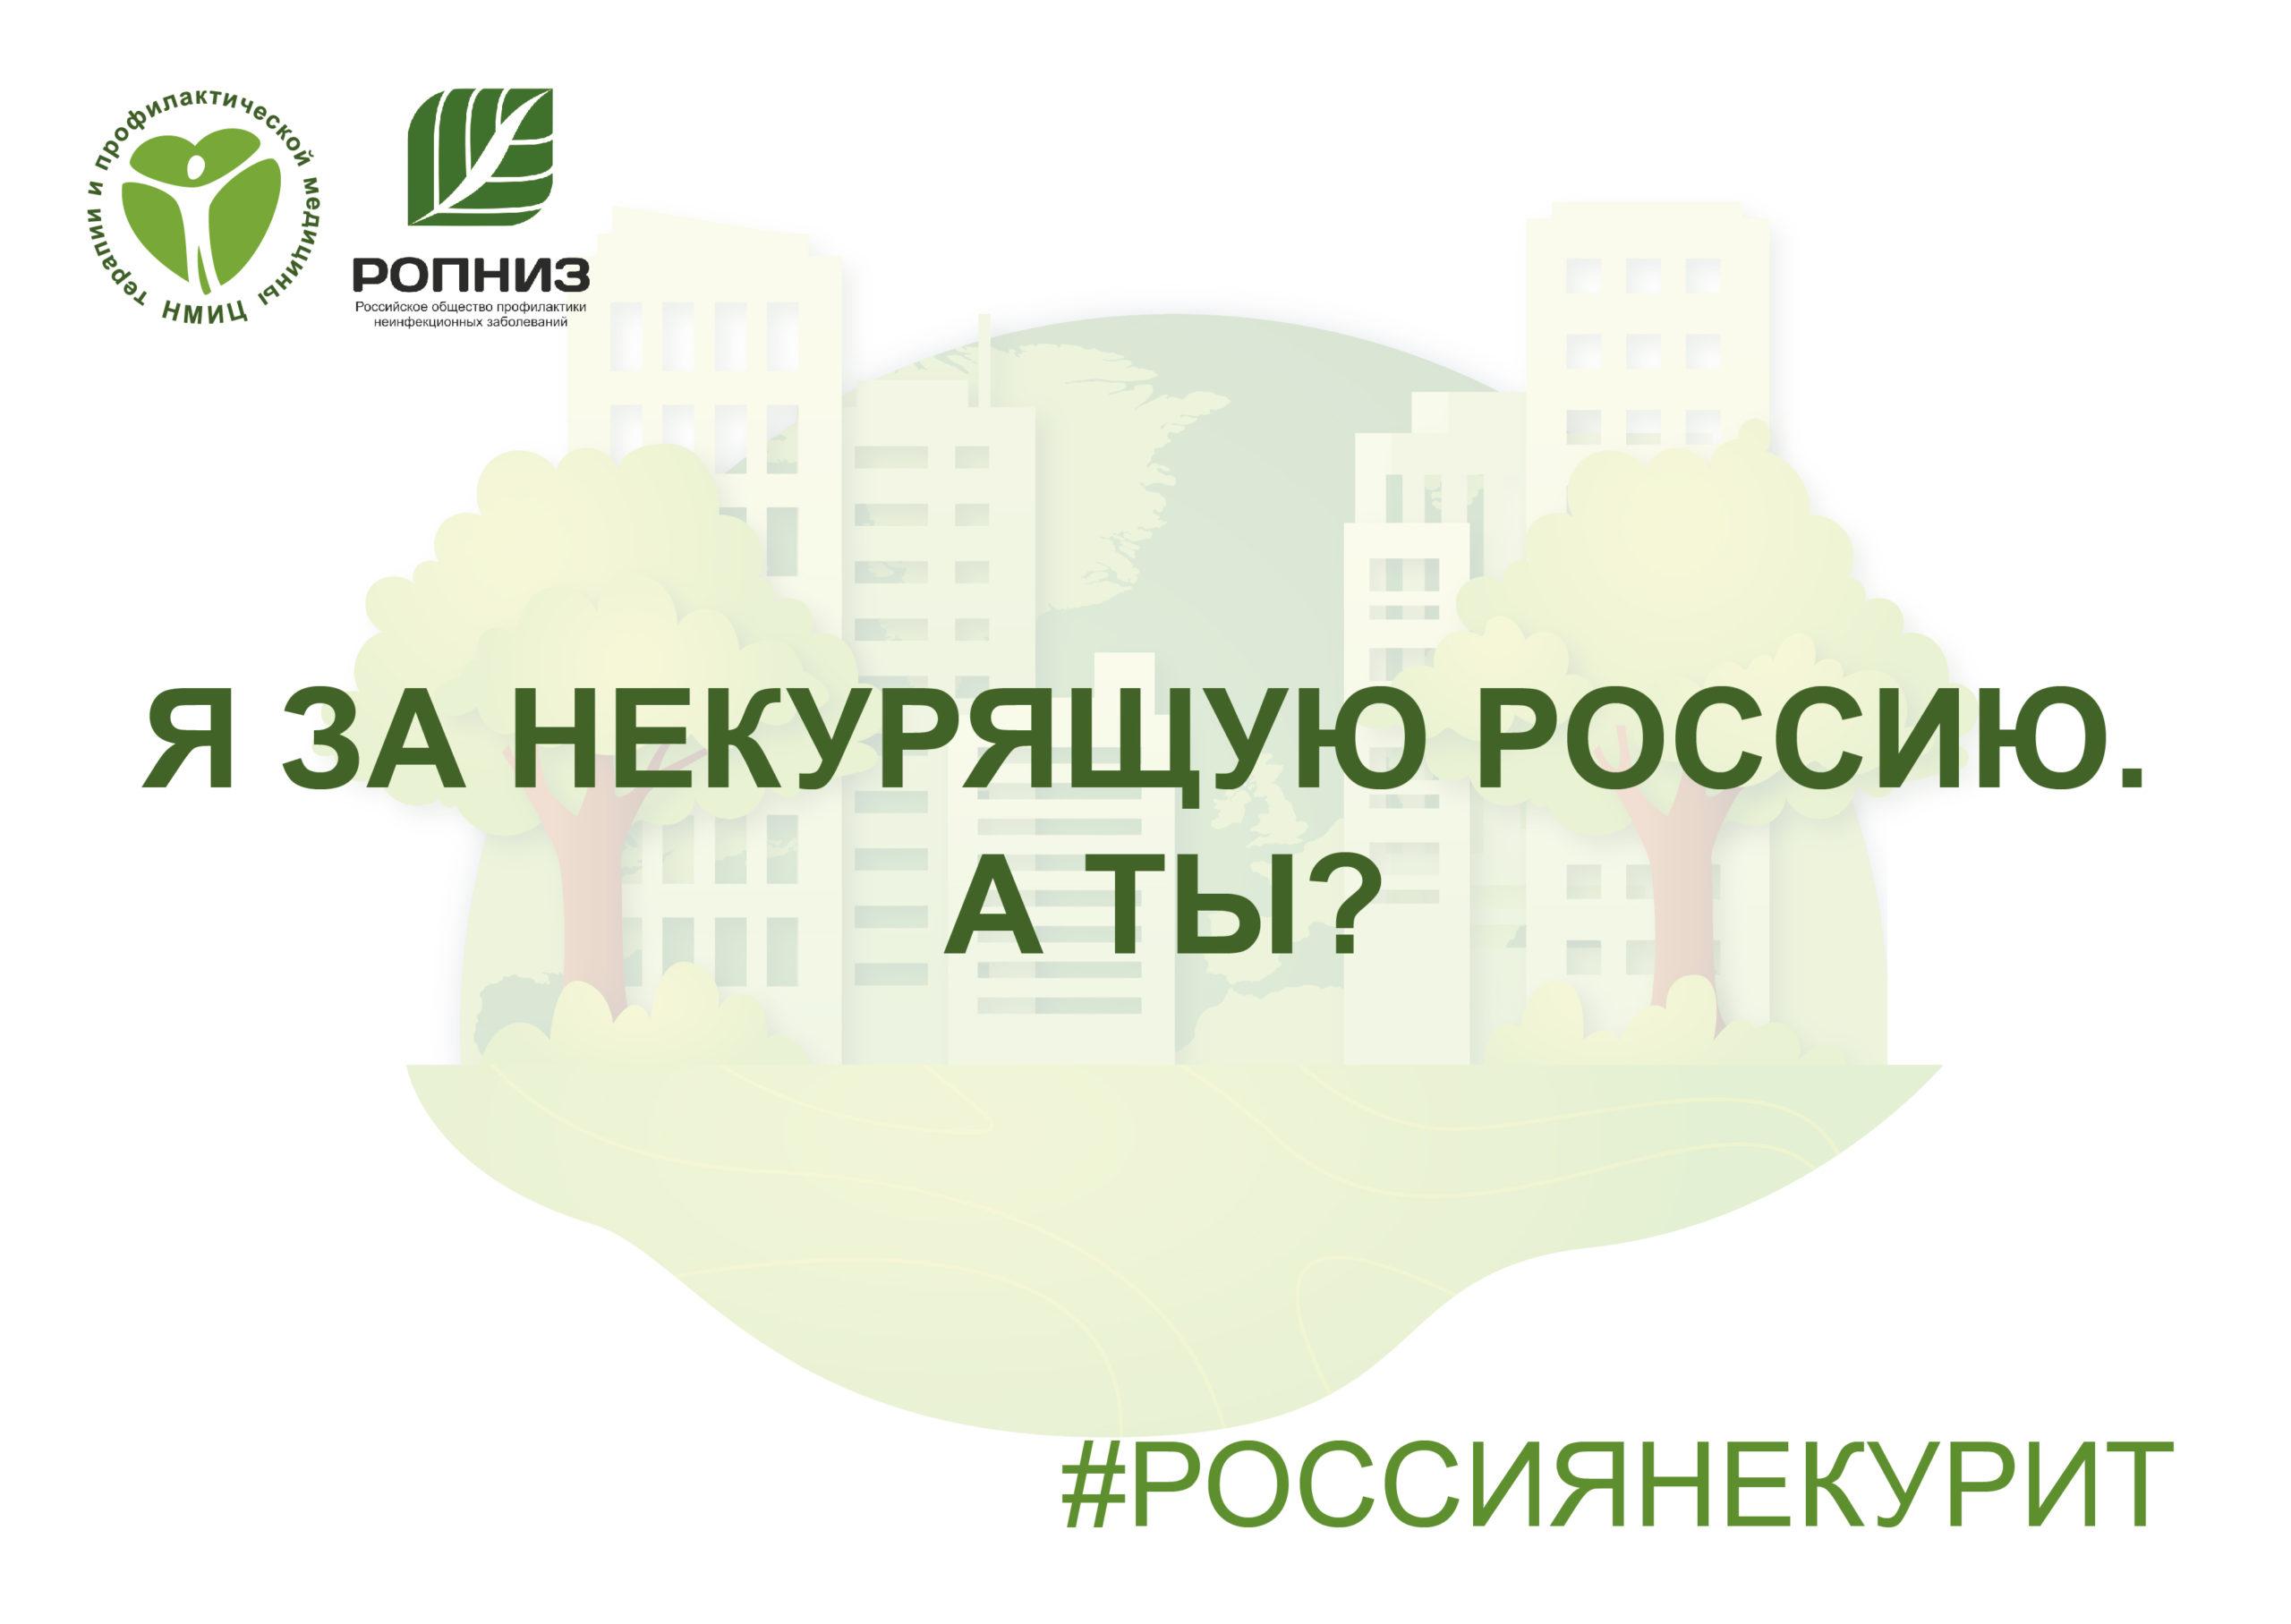 Всероссийская акция Освободим Россию от табачного дыма